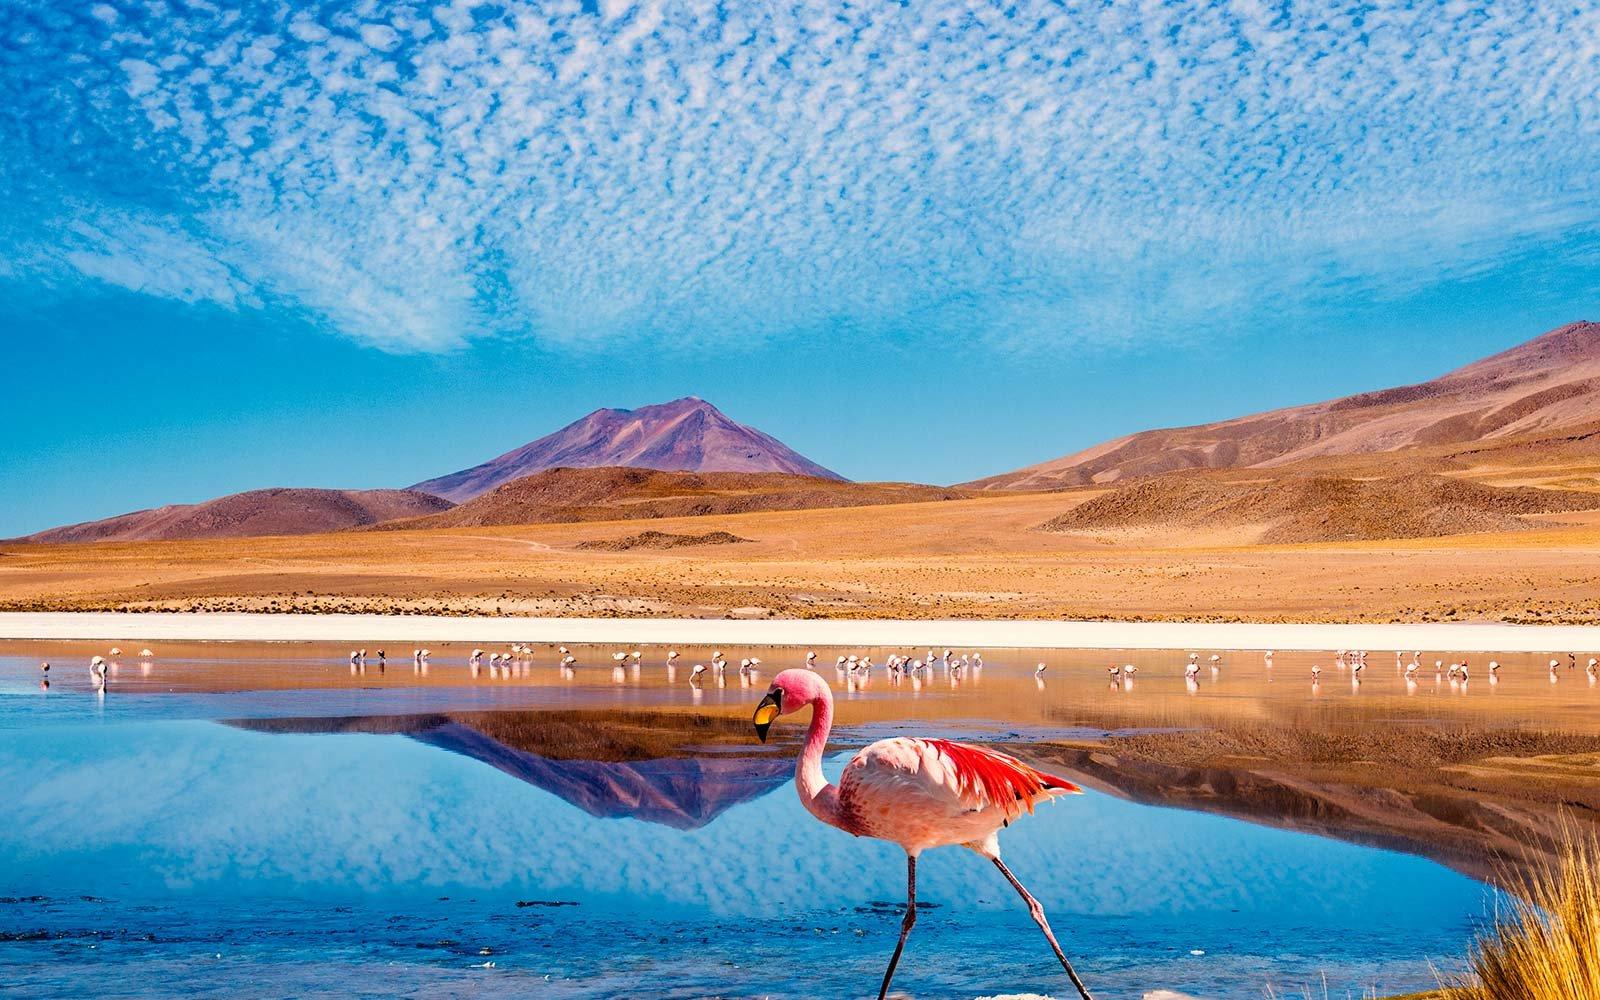 É possível conhecer Santiago e o Deserto do Atacama em uma só viagem?